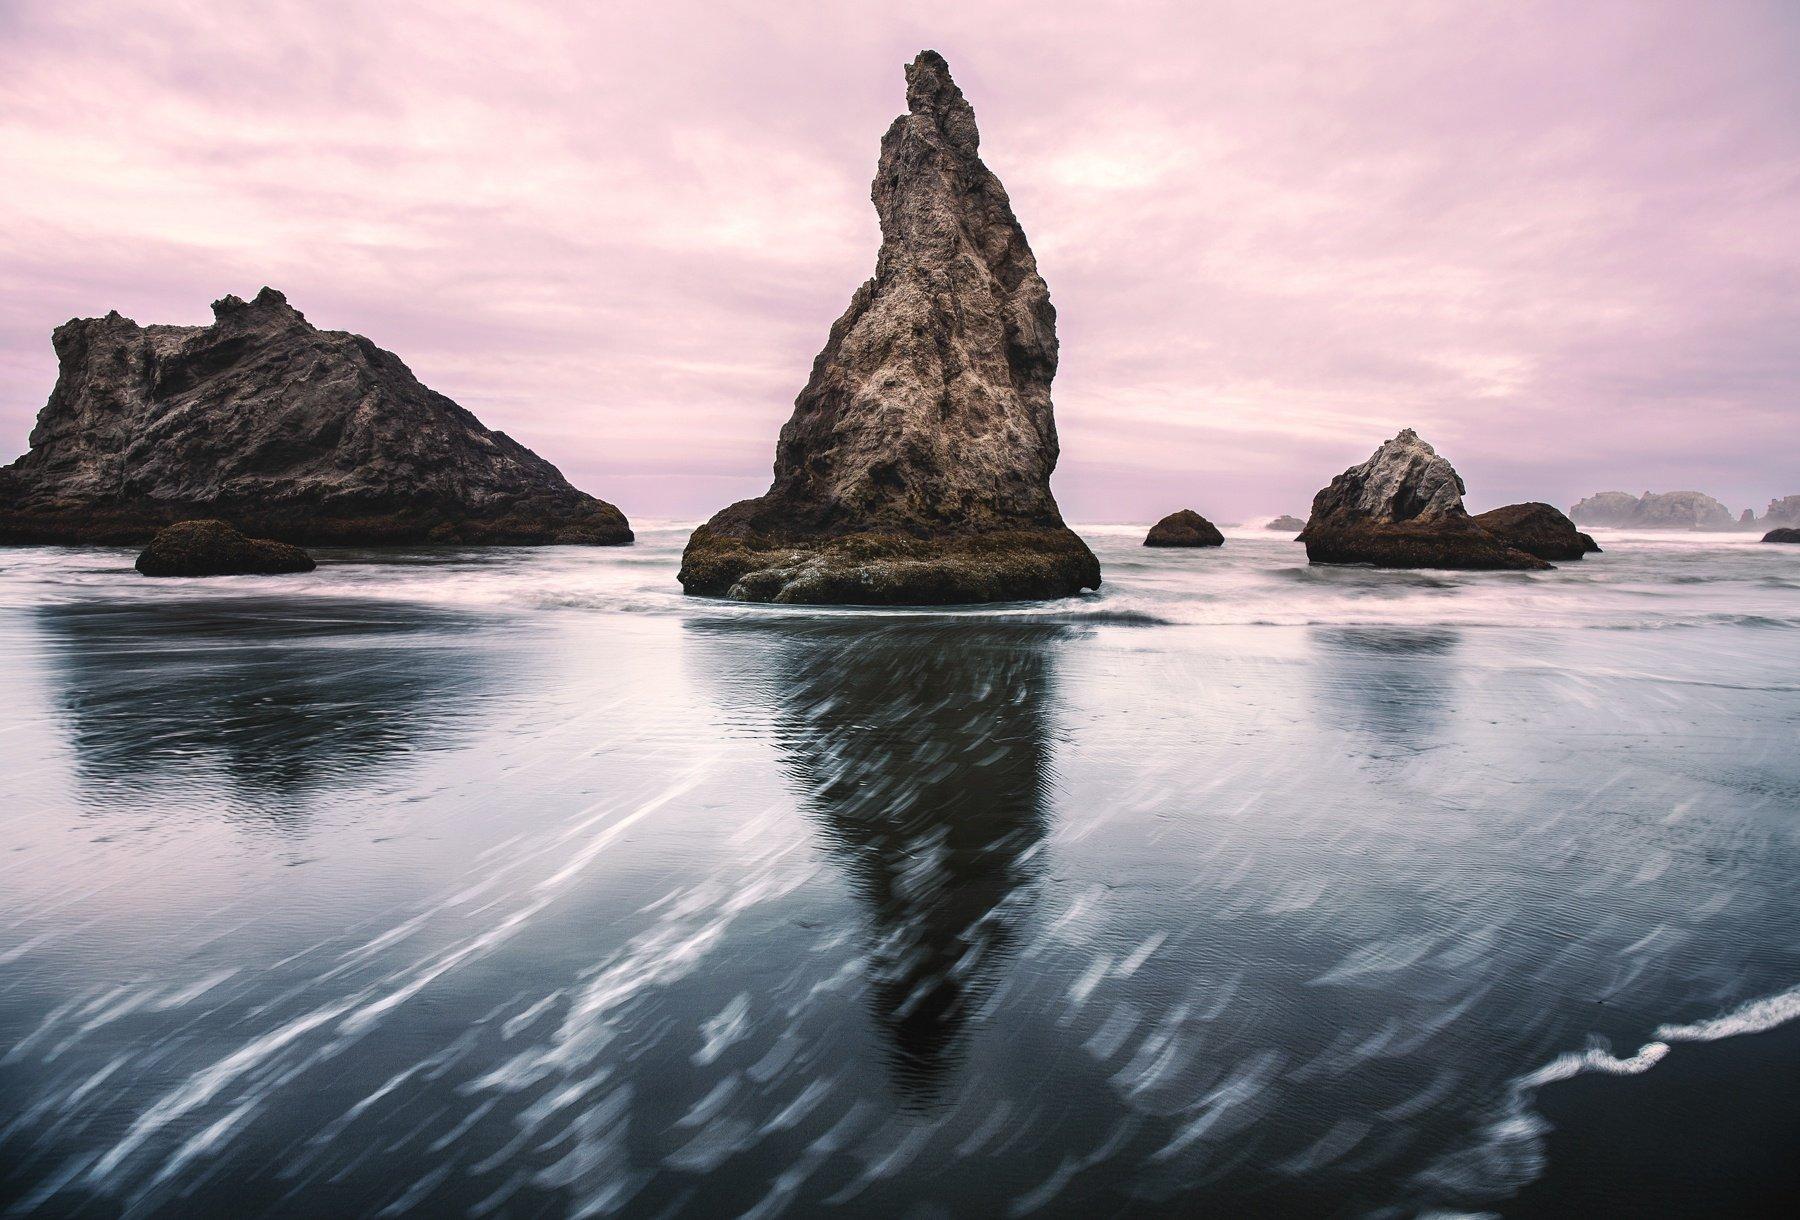 Alex-Vision-Photography-CG-Pro-Prints-Composition-Nature (4)